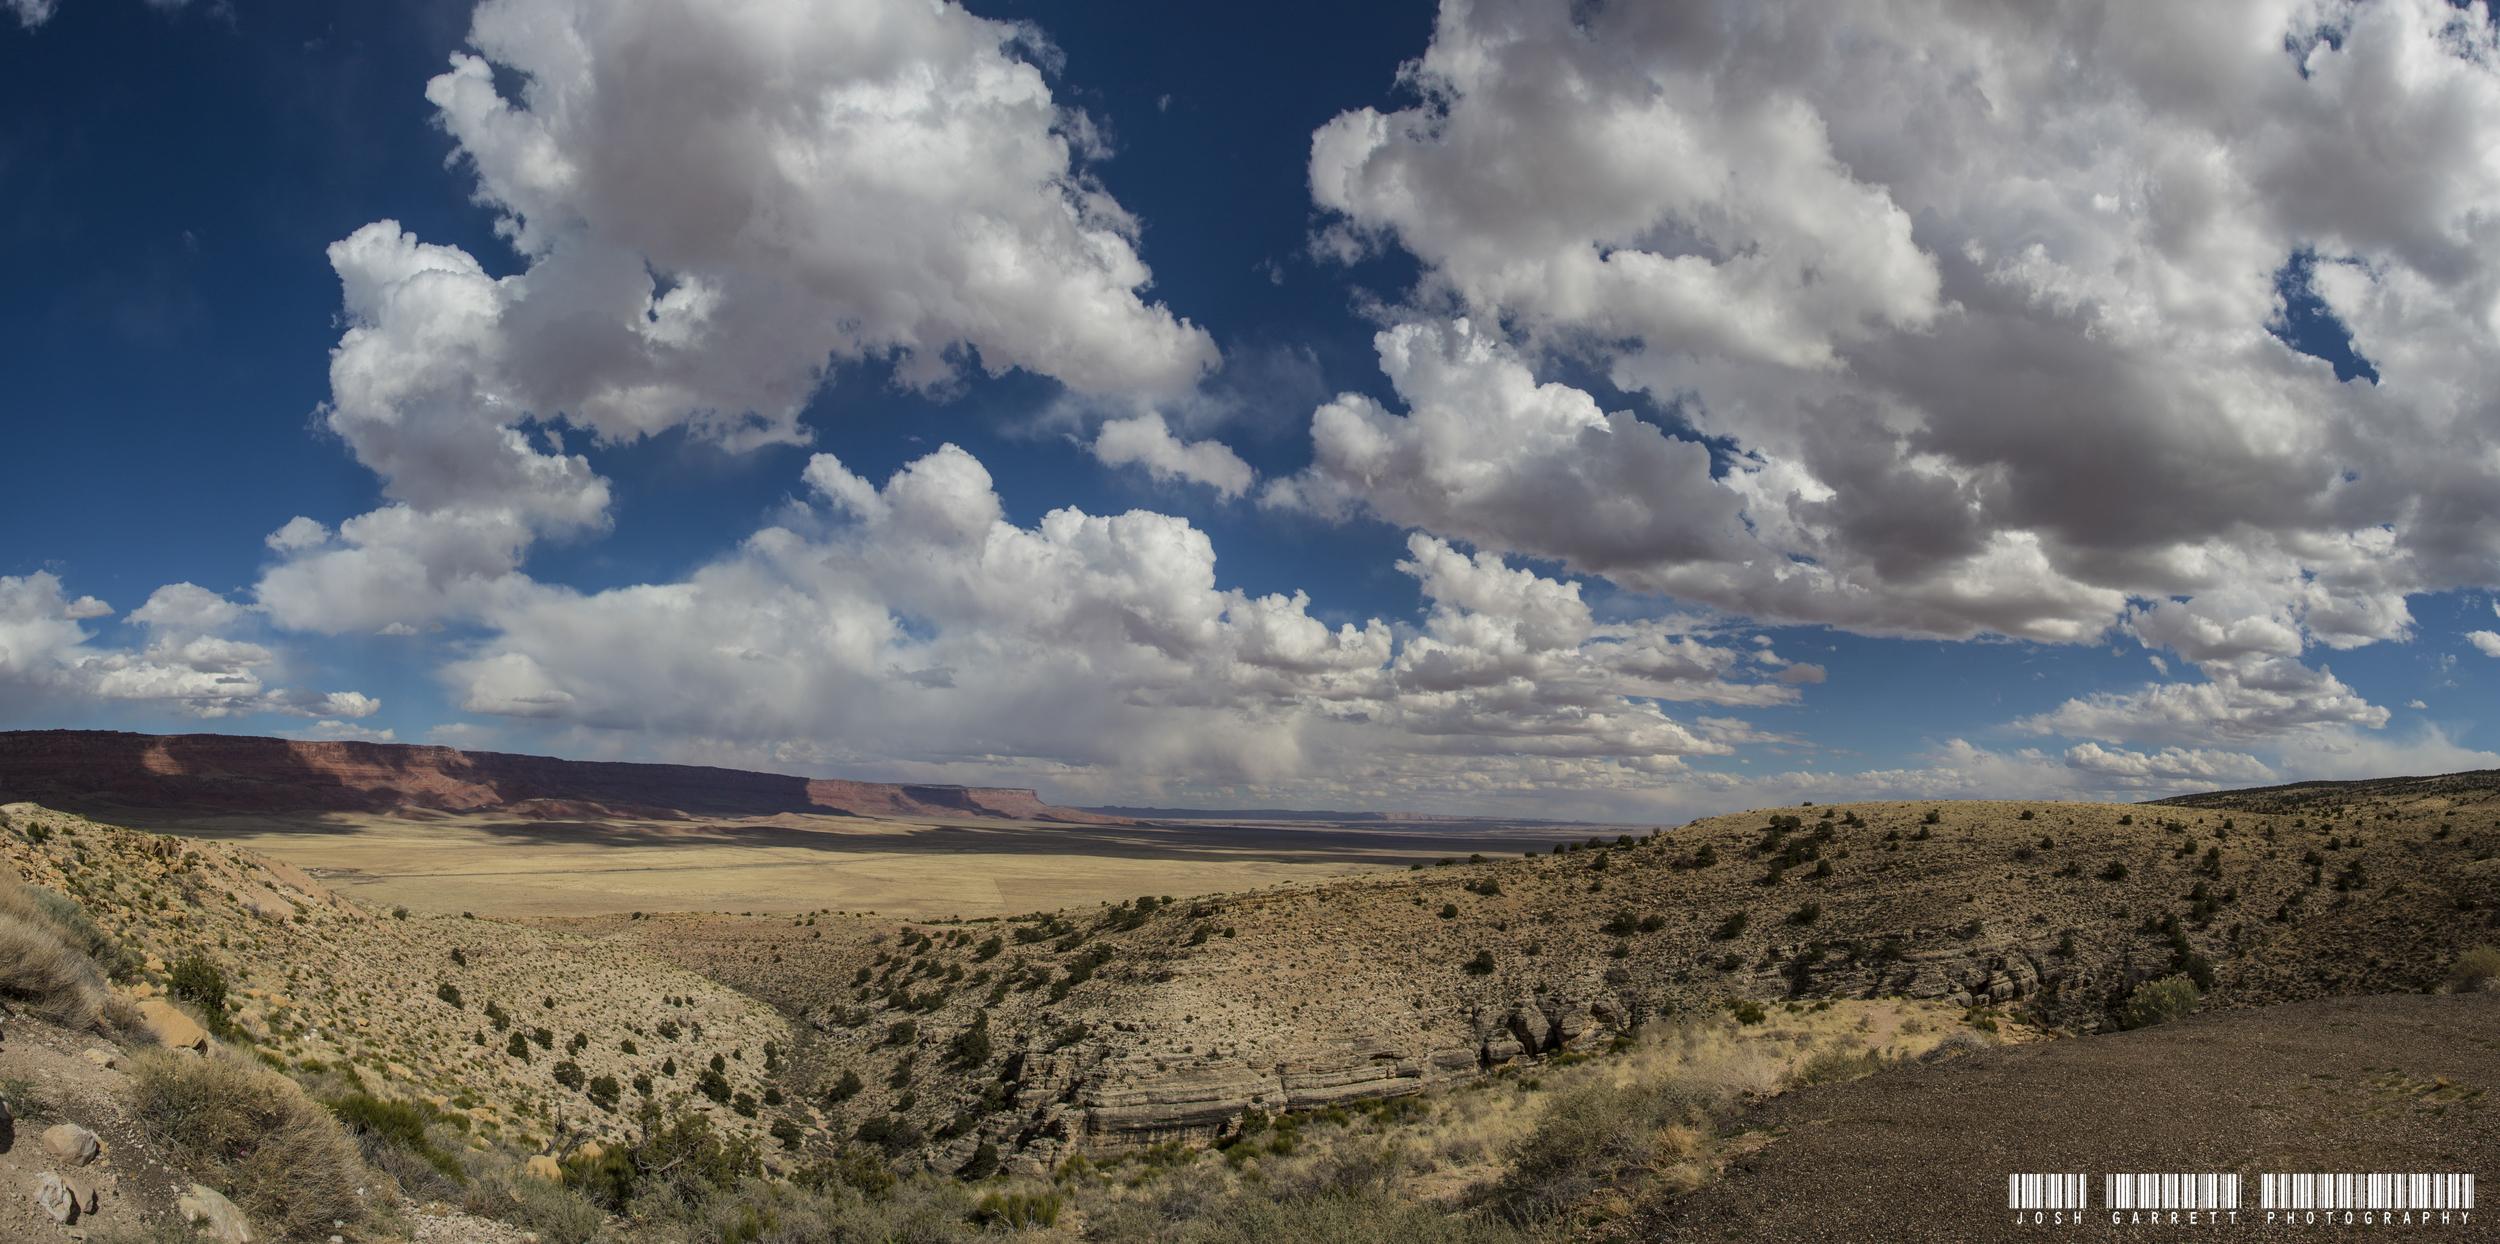 Valley_Panorama.jpg